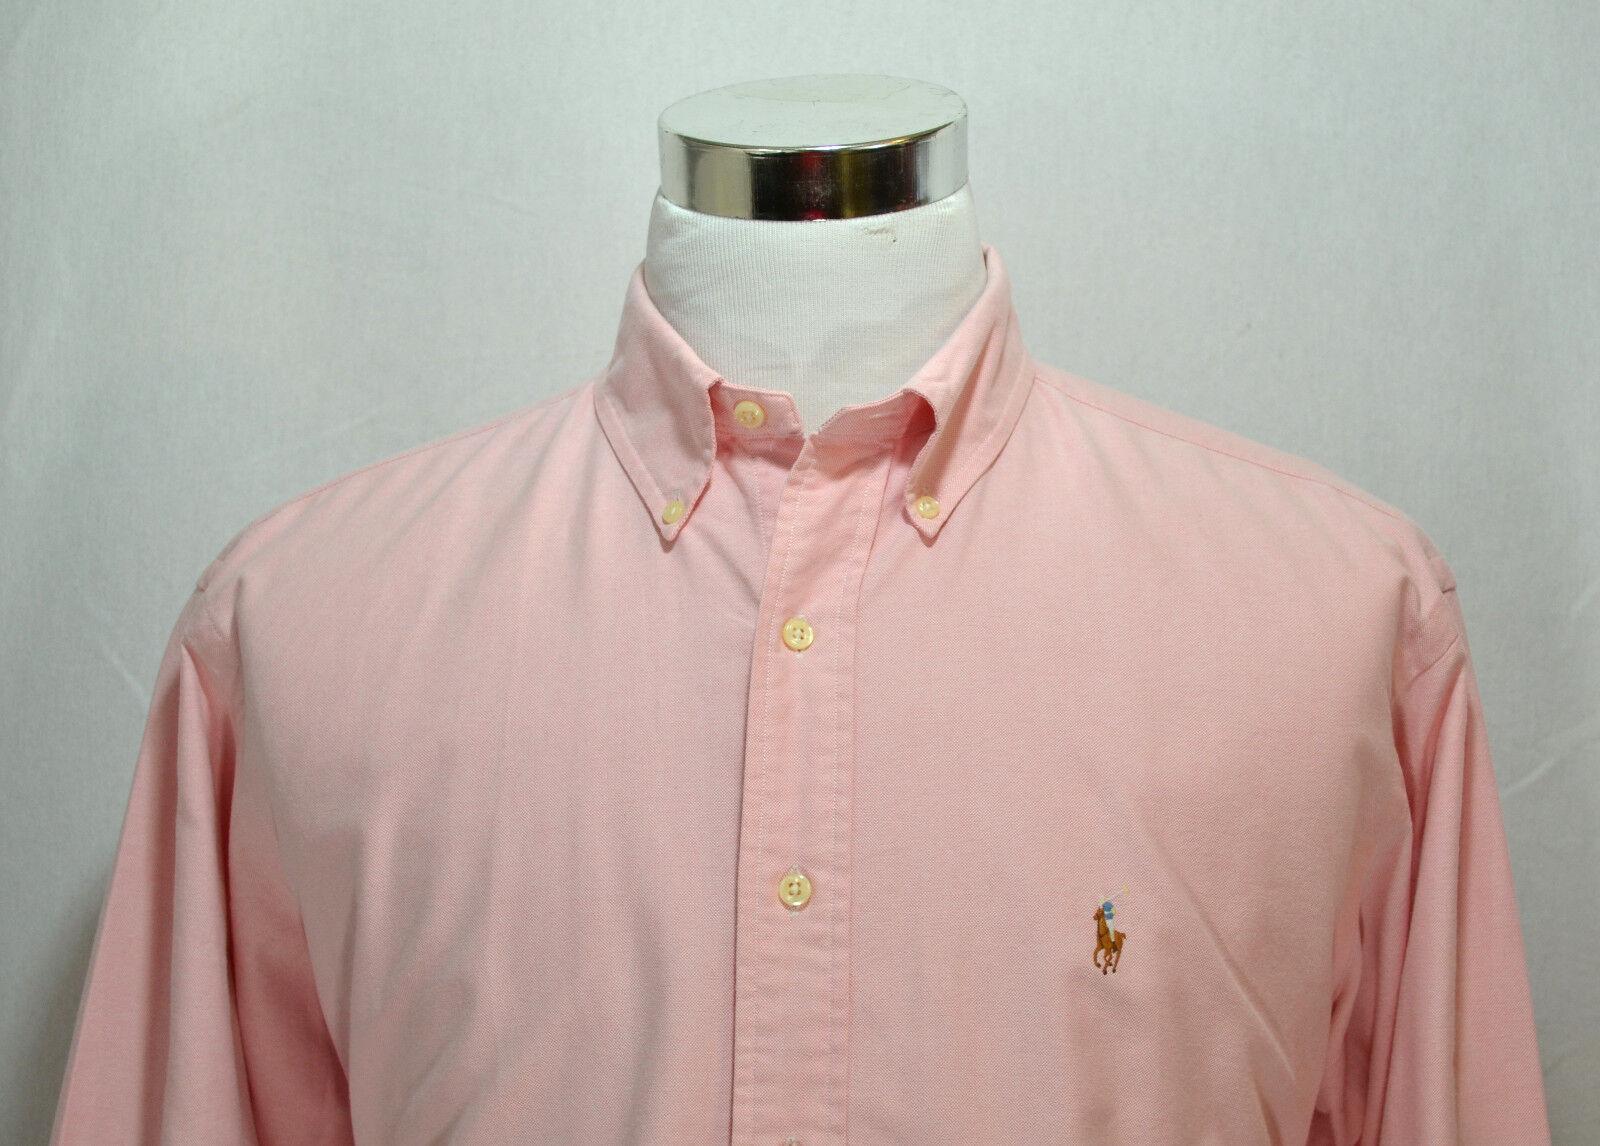 RALPH LAUREN Men's Yarmouth Long Sleeve Dress Shirt Size 16 1 2 - 36 Pink